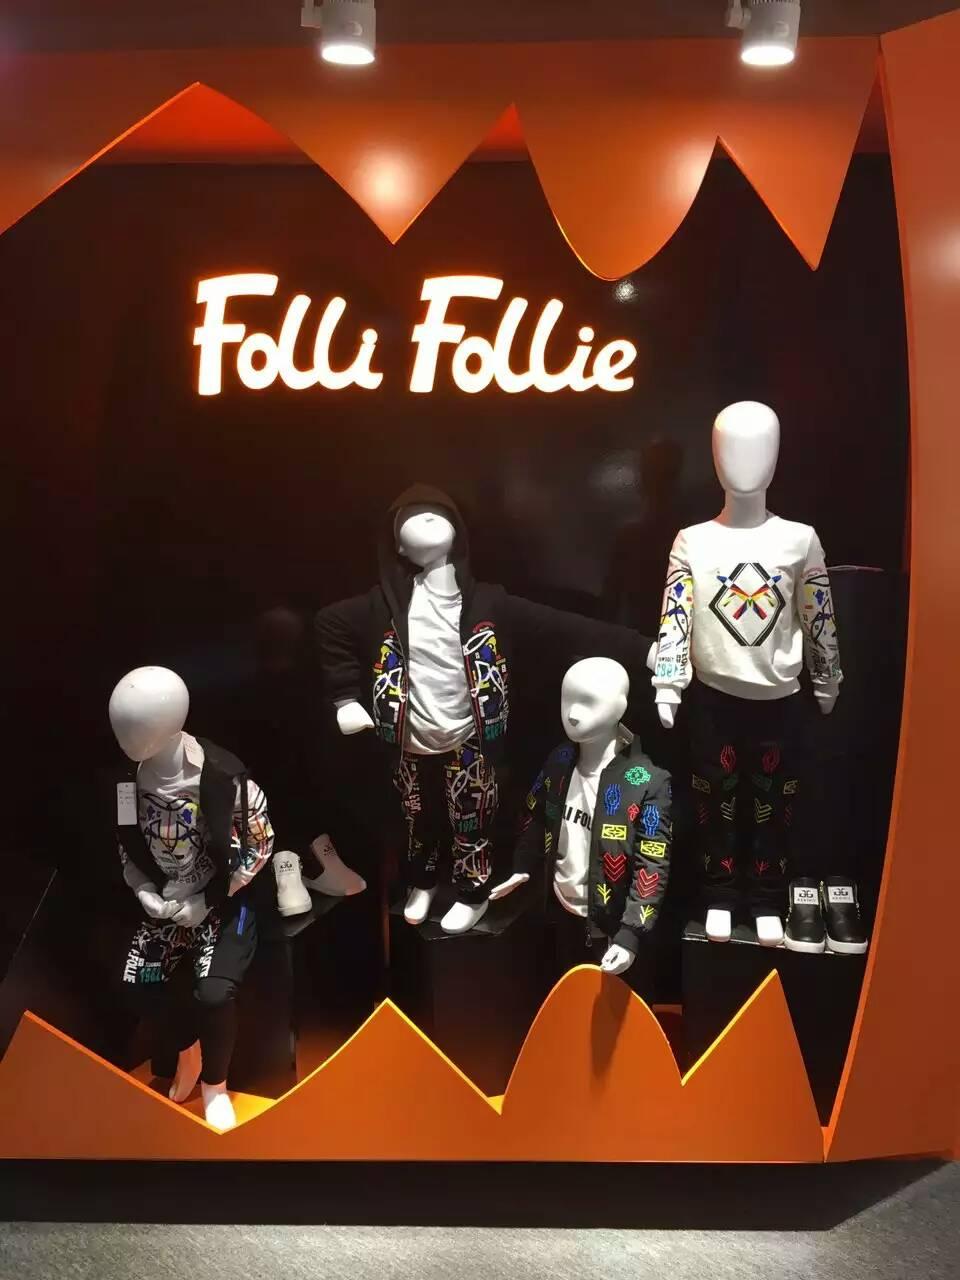 希腊轻奢品牌Folli Follie童装在中国的发展历程!希望有你们的见证!!!